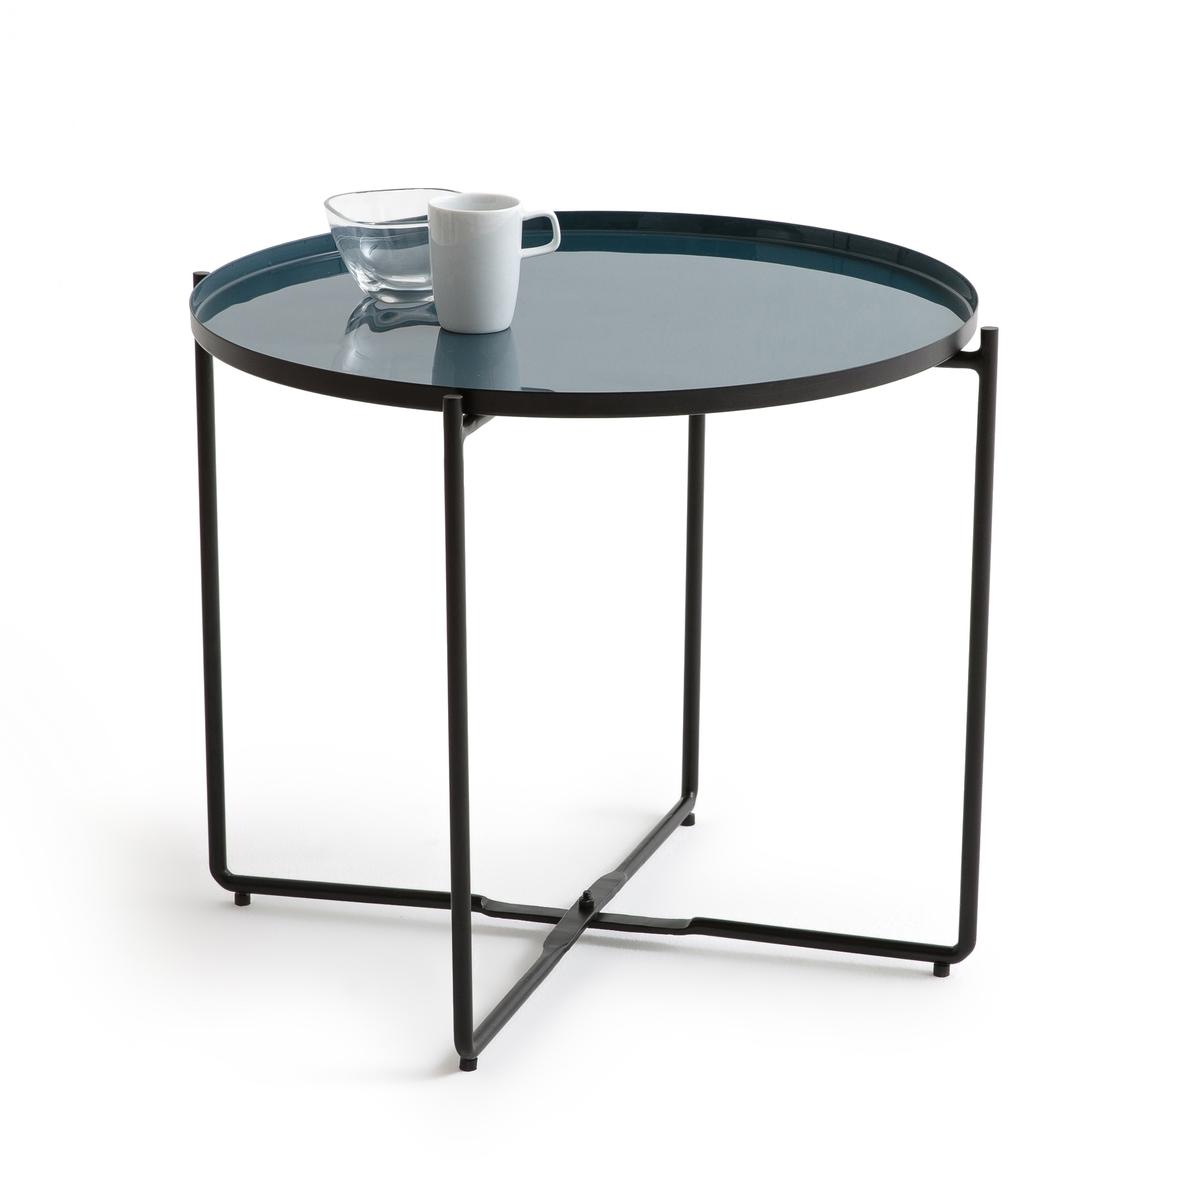 Столик журнальный компактный TIVARAОписание:Журнальный столик TIVARA. Компактный столик можно использовать в качестве журнального или вспомогательного. Съемная столешница позволяет переносить бокалы и чаши для аперитива . Ножки легко складываются, что позволяет не загромождать пространство.Характеристики журнального столика Tivara :Съемная столешница из эмалированной стали, диаметр 50 смСкладные ножки из лакированной стали с покрытием матовой эпоксидной краской черного цветаДанная модель стола не требует сборкиДругие модели коллекции Tivara вы найдете на laredoute.ruРазмеры журнального столика Tivara :Диаметр : 50 смВысота : 42 см.Размеры и вес упаковки1 коробкаШ. 56 x В. 16 x Г. 56 см7,4 кг<br><br>Цвет: сине-зеленый